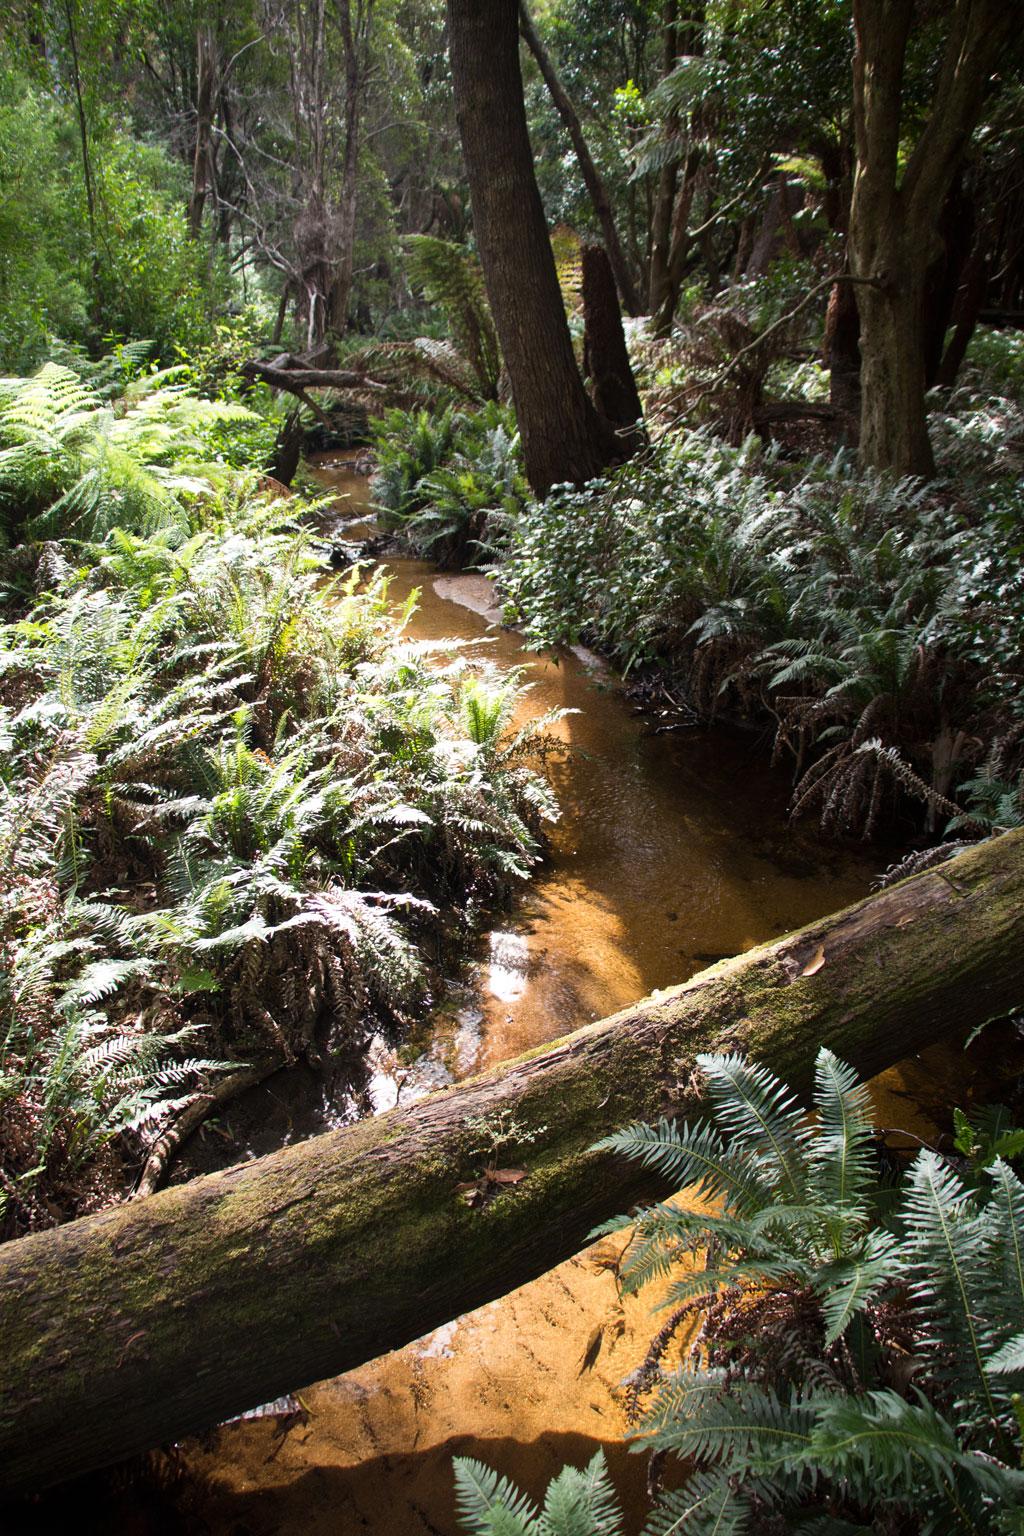 Australische Tierwelt – Lilly Pilly Gully Walk durch Regenwald im Wilsons Promontory Nationalpark | SOMEWHERE ELSE